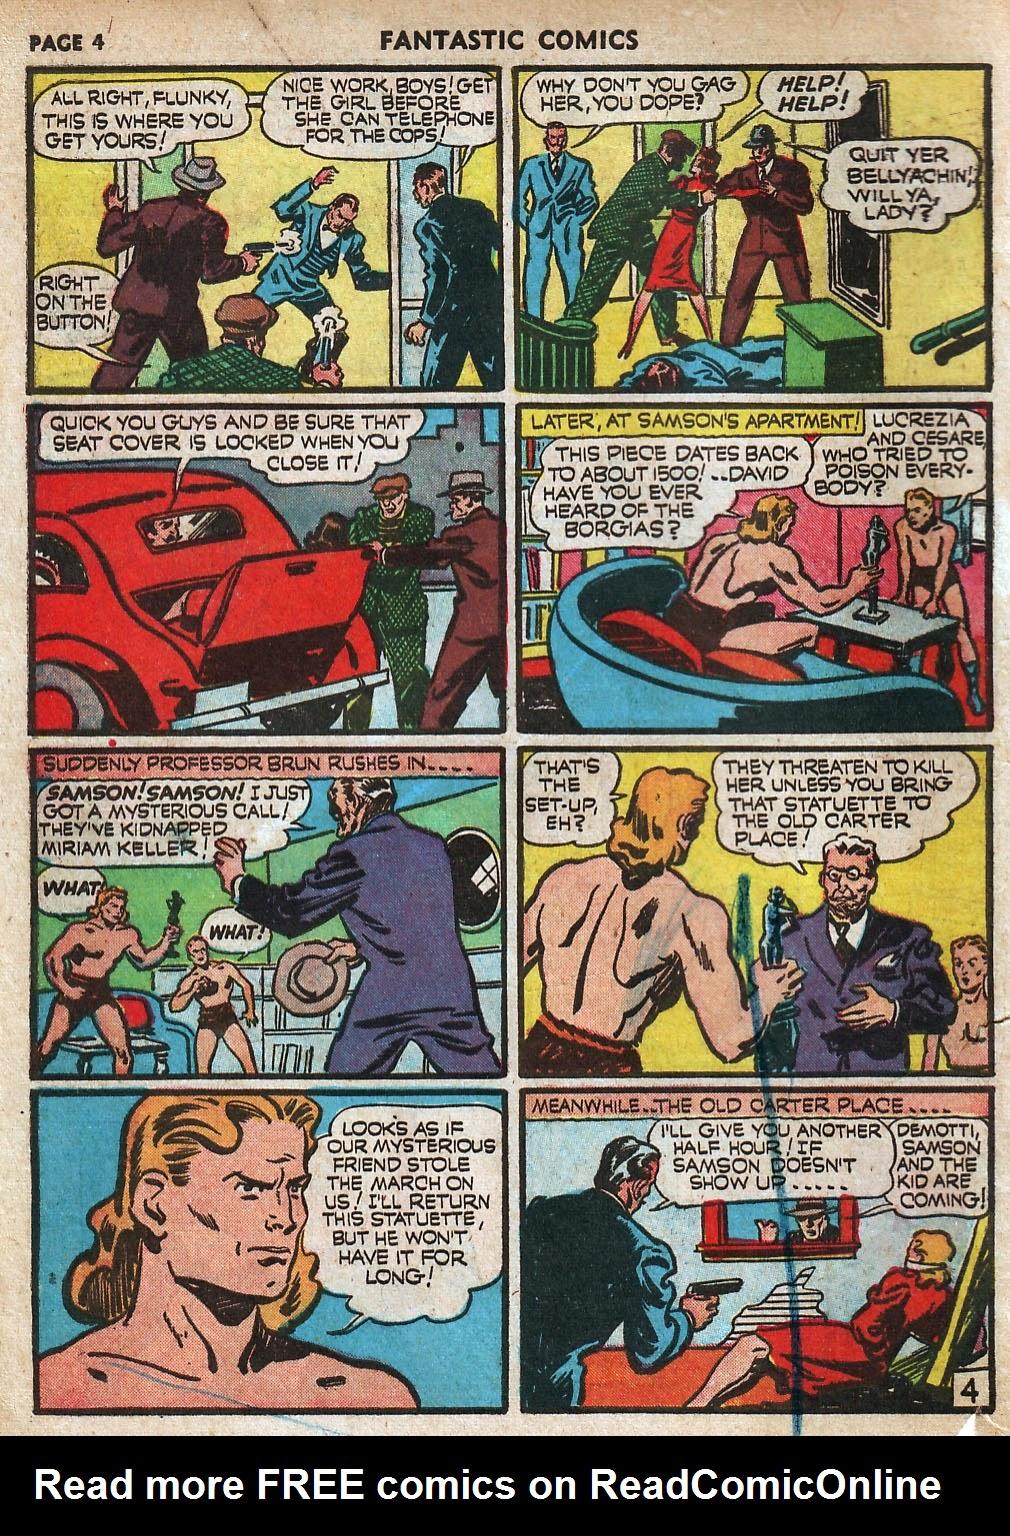 Read online Fantastic Comics comic -  Issue #18 - 6